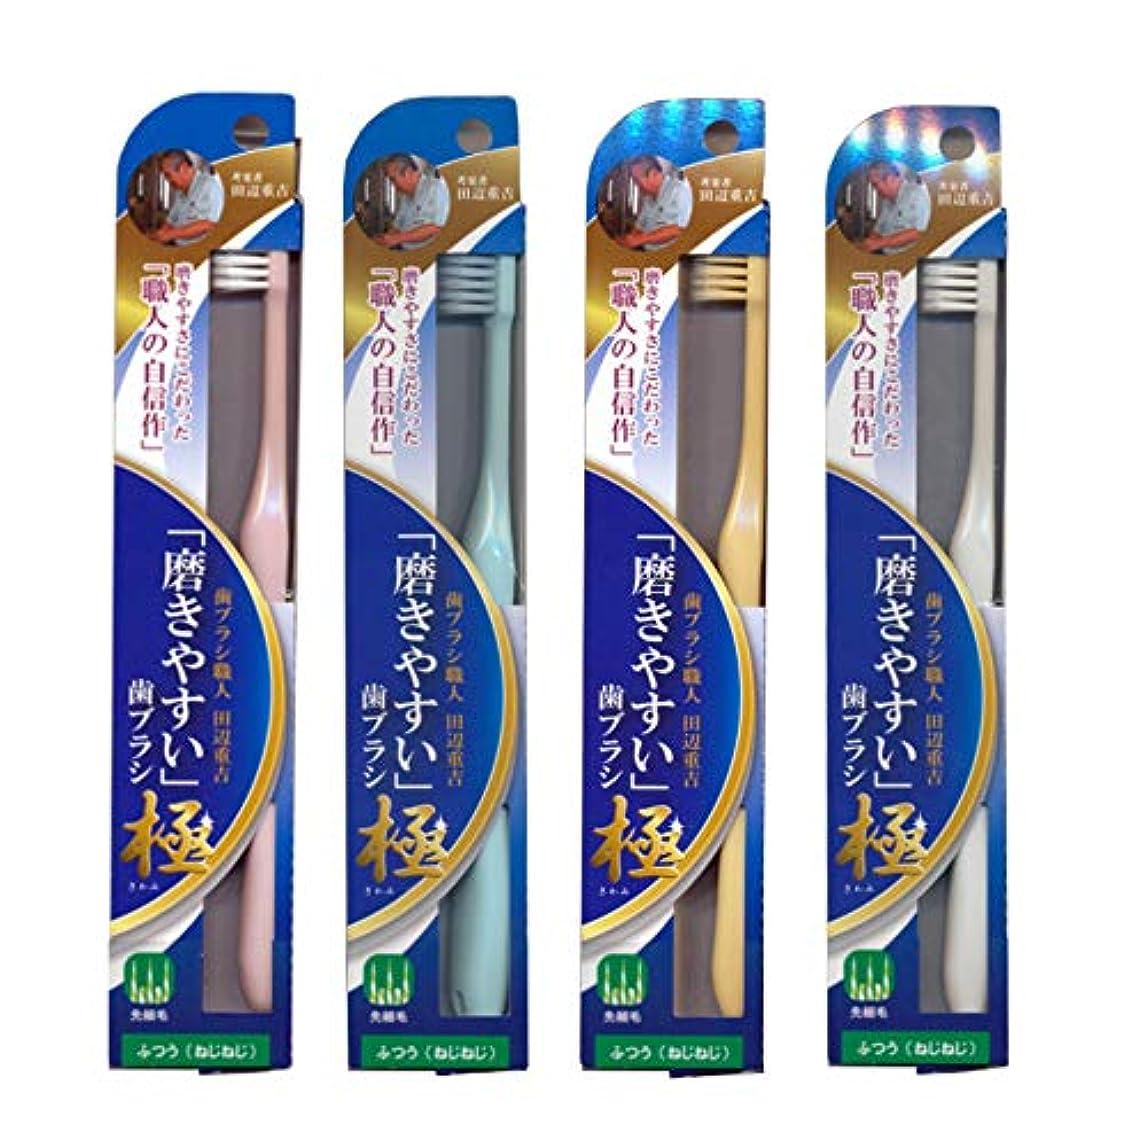 影響を受けやすいです悲劇的なむしゃむしゃ磨きやすい歯ブラシ極 (ふつう ねじねじ) LT-45×4本セット(ピンク×1、ブルー×1、ホワイト×1、イエロー×1) 先細毛